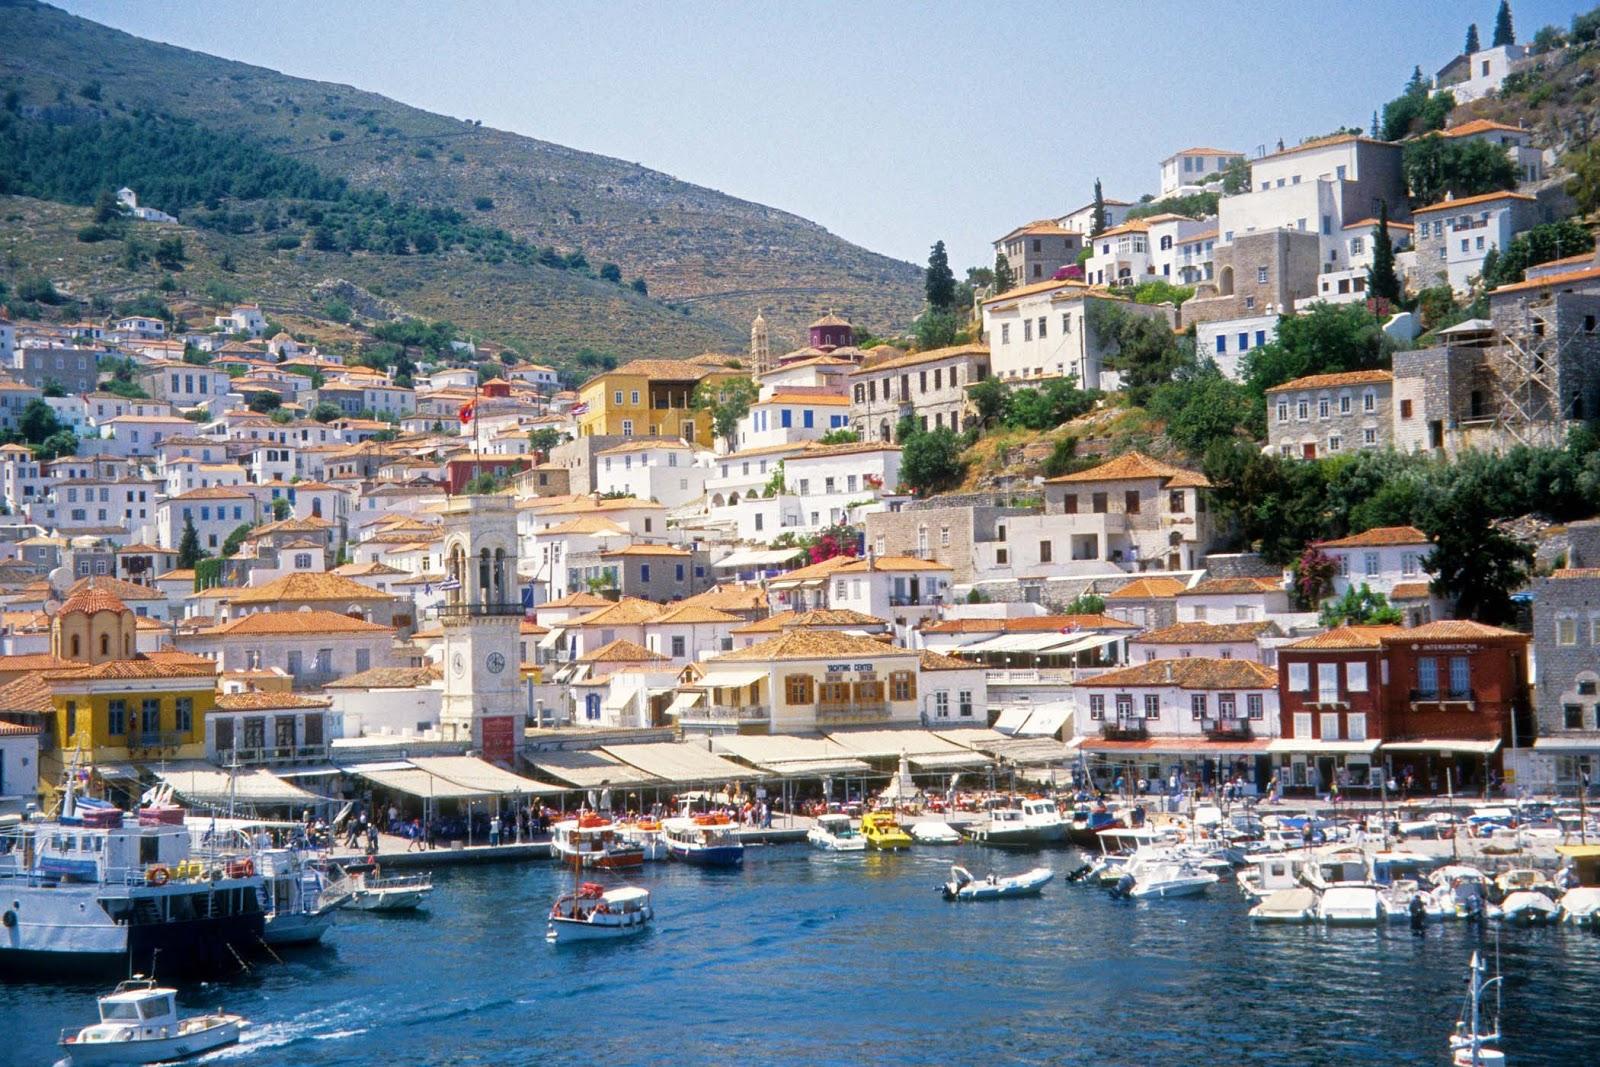 Noleggio Barche Isola di Aegina - Navalia | Noleggia un Sogno